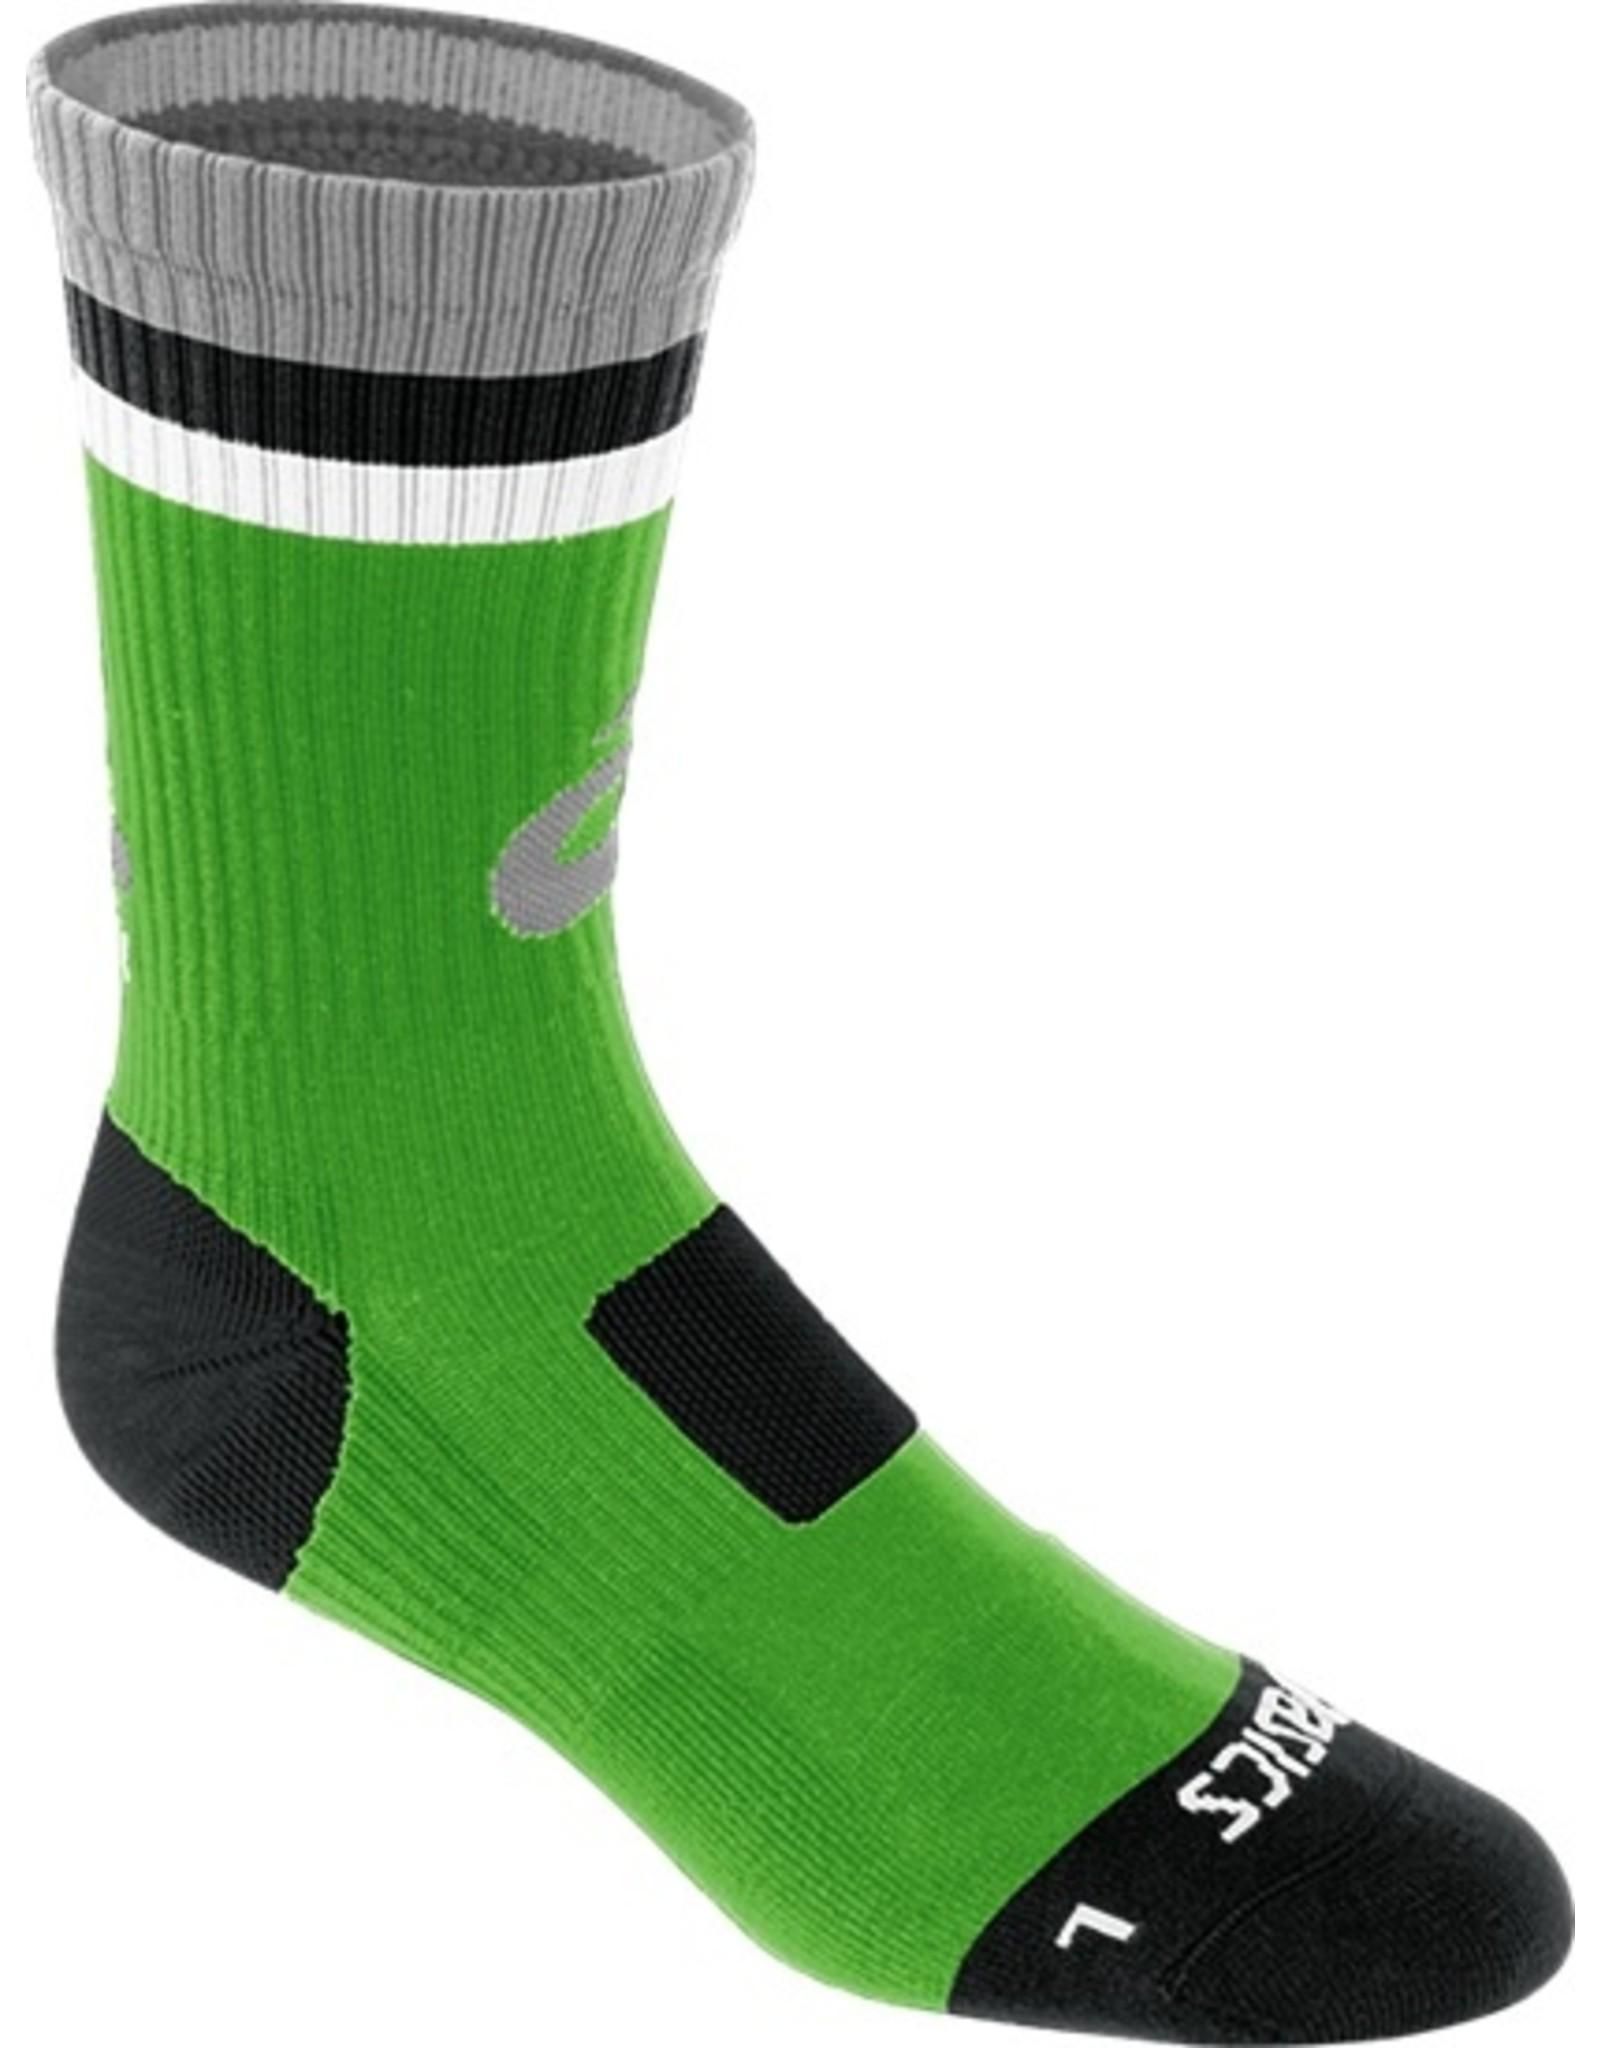 ASICS Craze Crew Socks